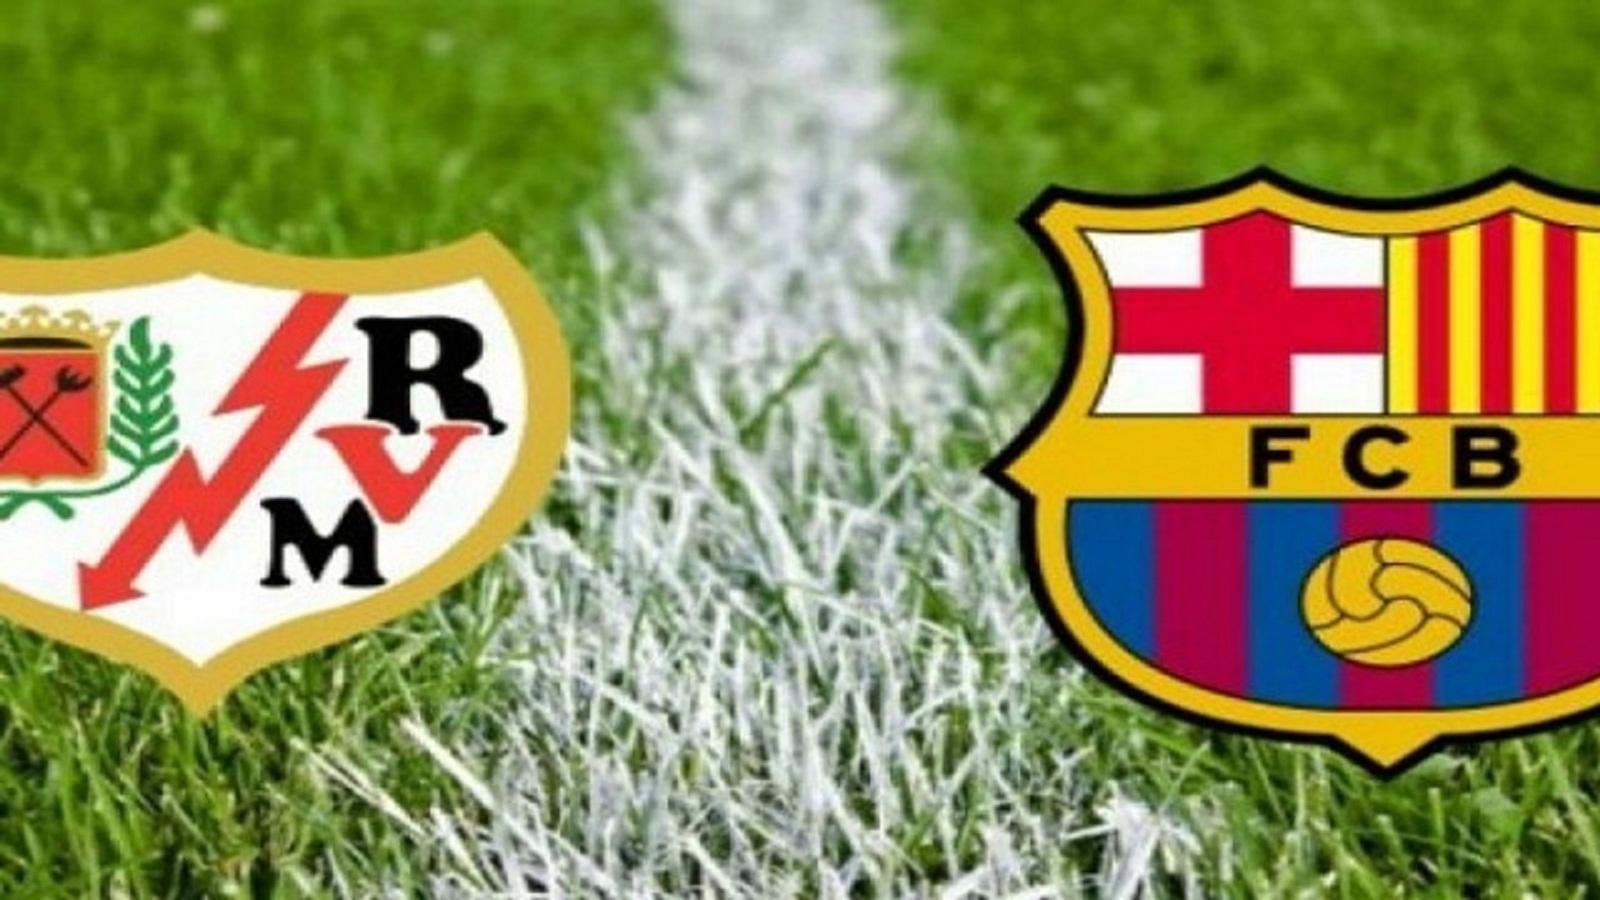 VIDEO: Batalla campal entre ultras del Barça y del Rayo Vallecano